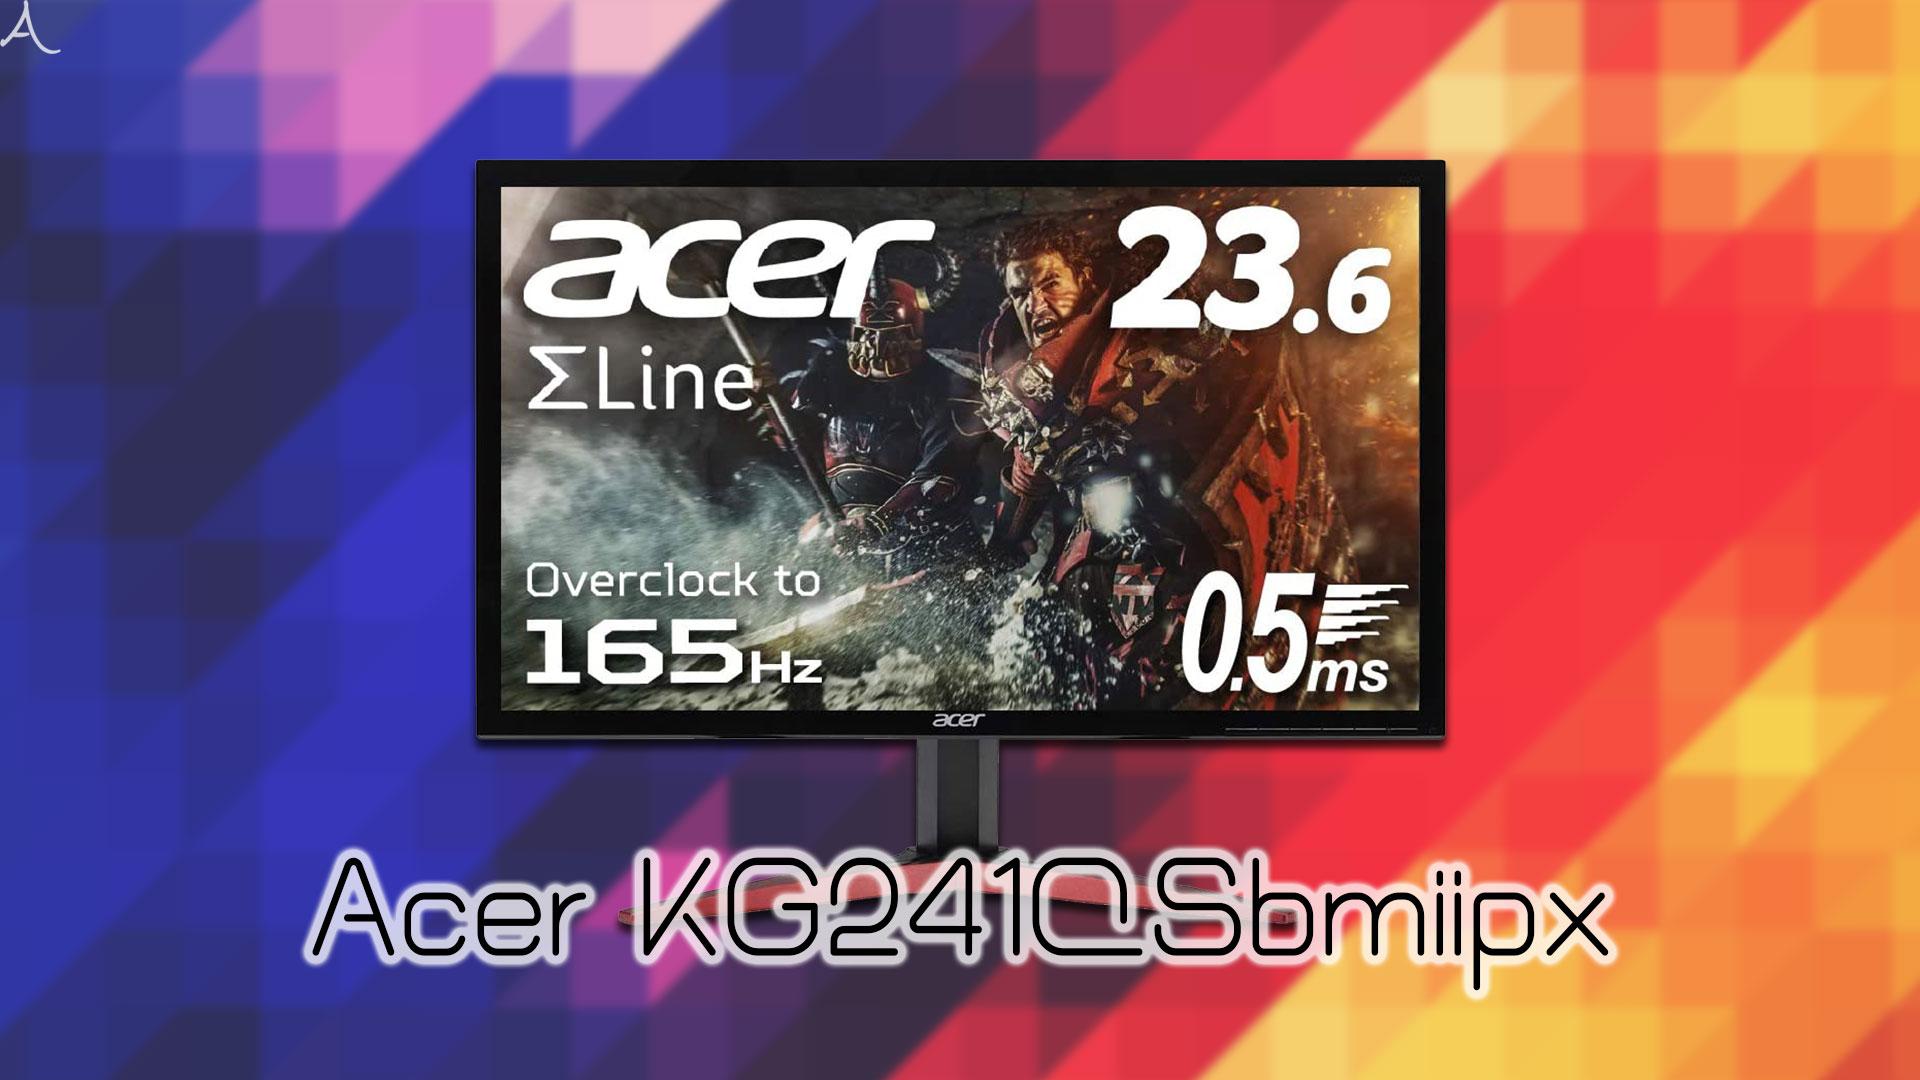 「Acer KG241QSbmiipx」ってモニターアーム使えるの?VESAサイズやおすすめアームはどれ?